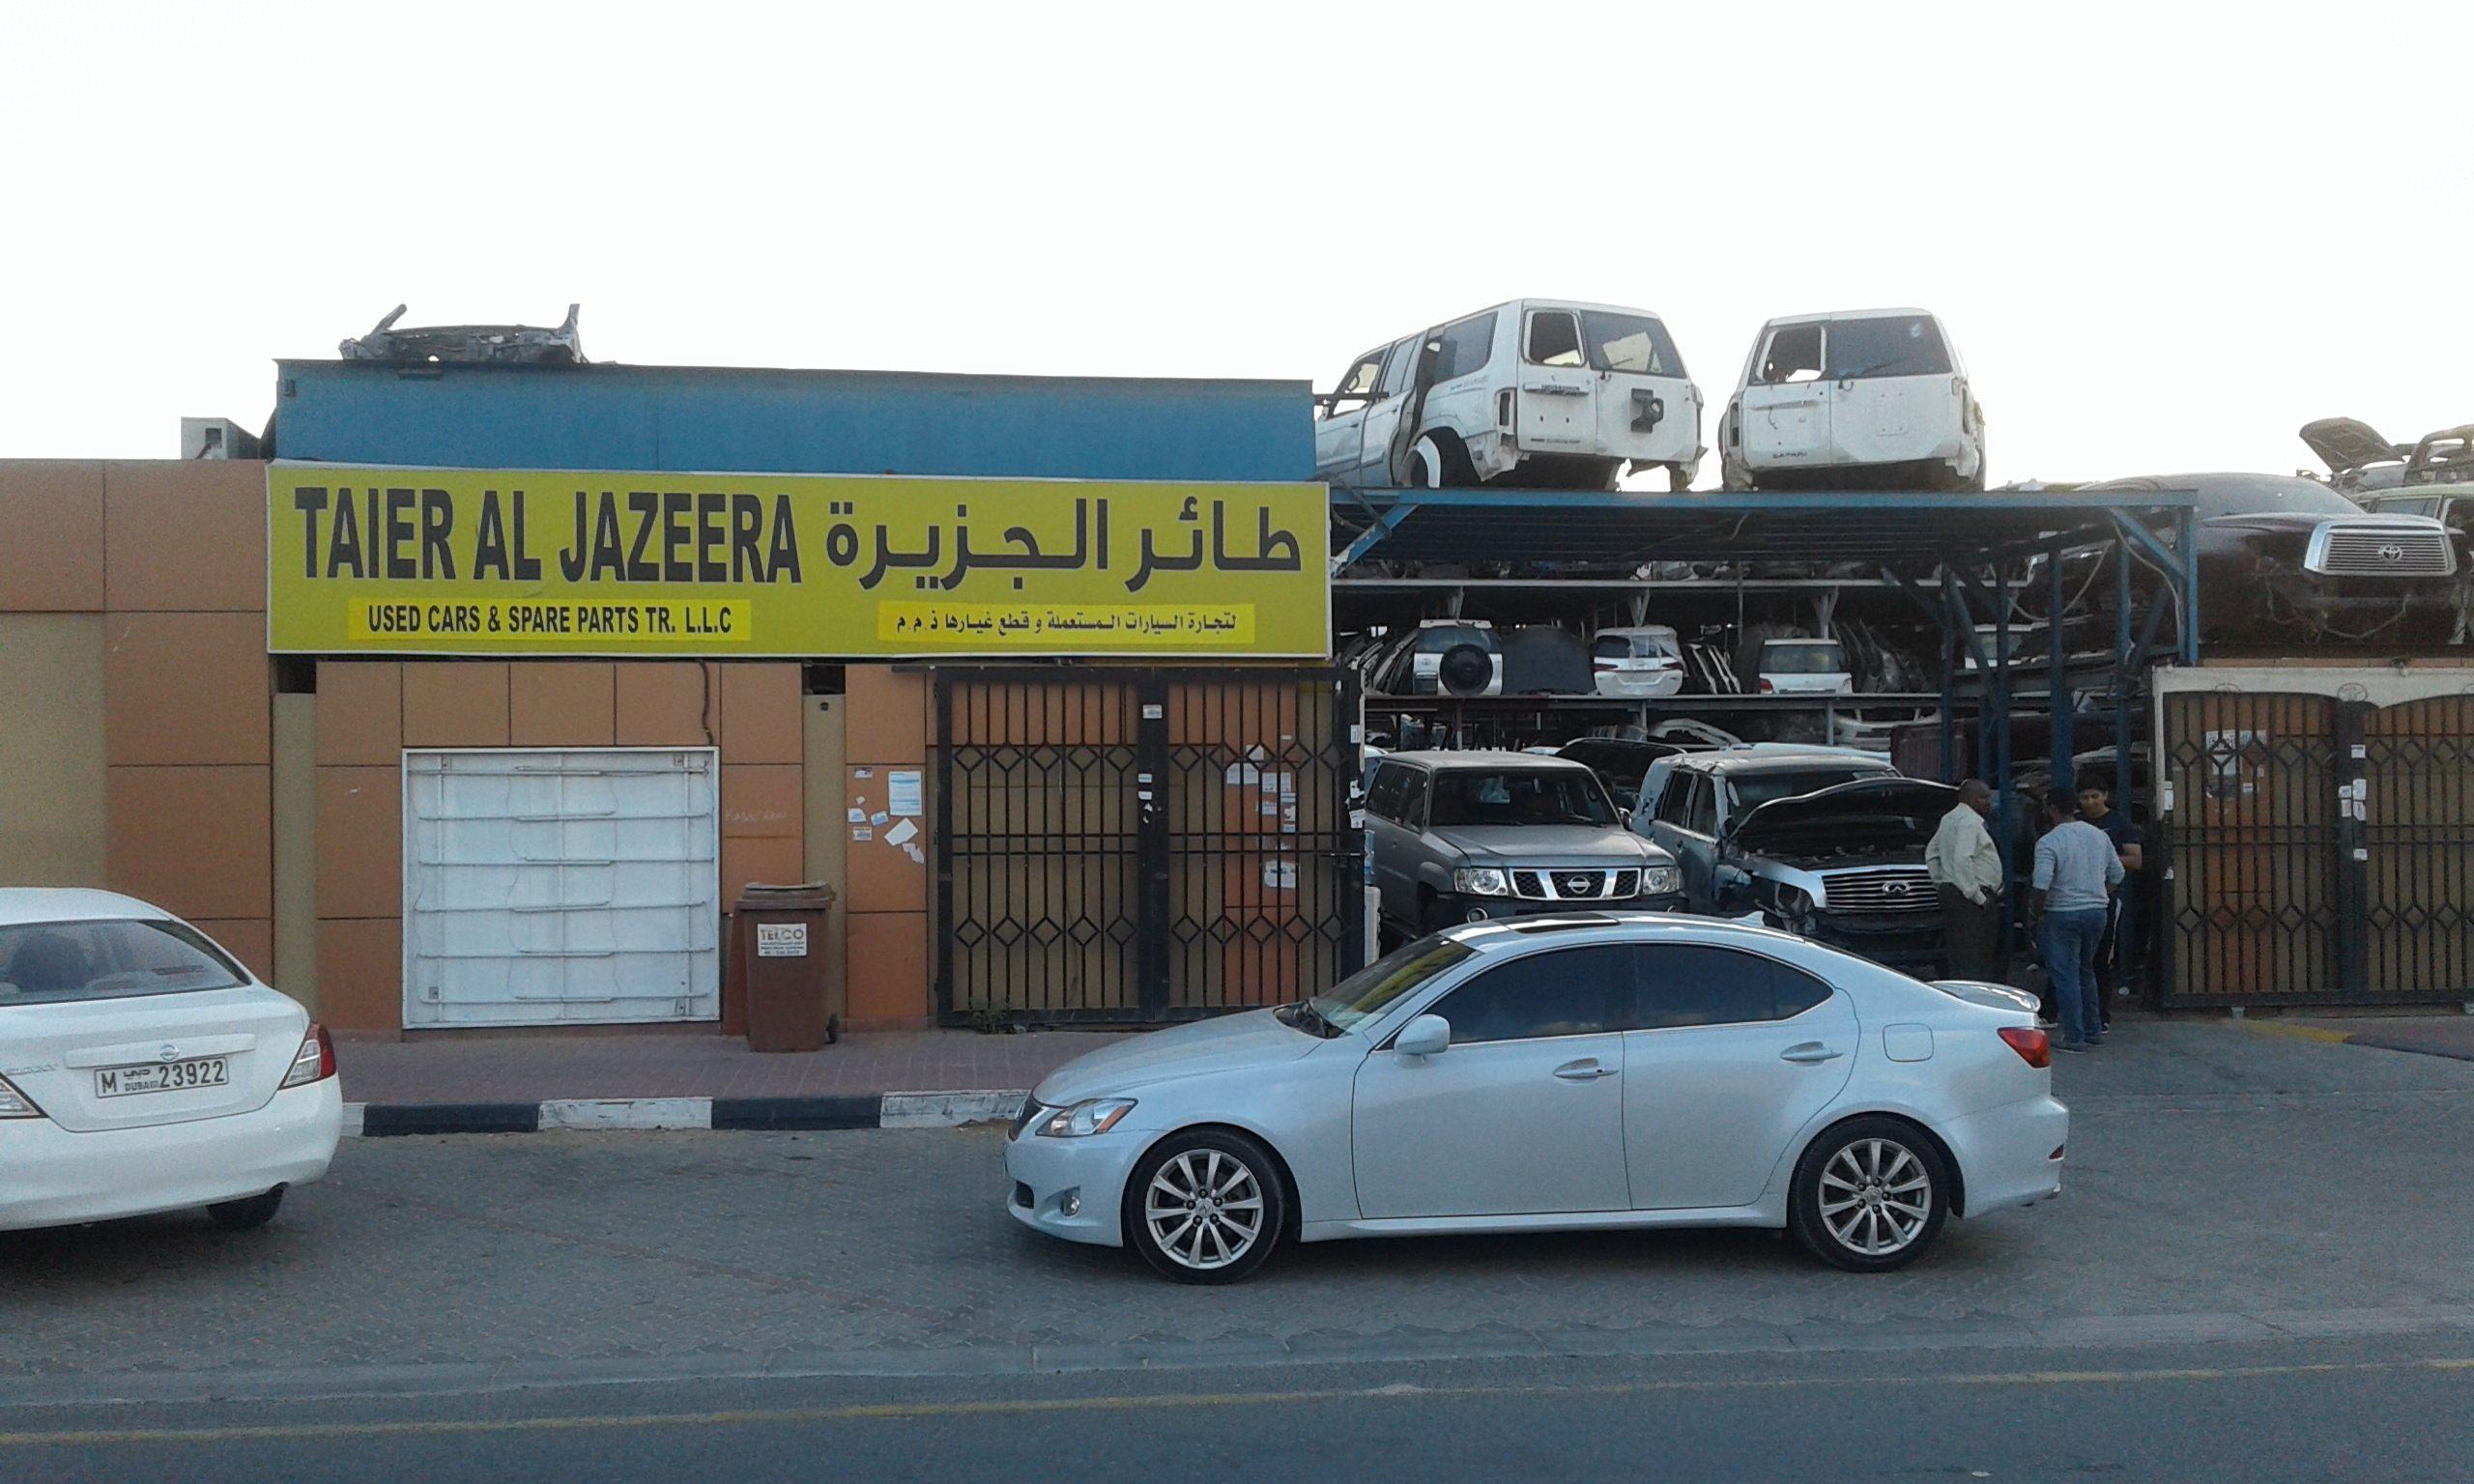 Taier Al Jazeera Used cars & Spare Parts Tr llc - Used Parts